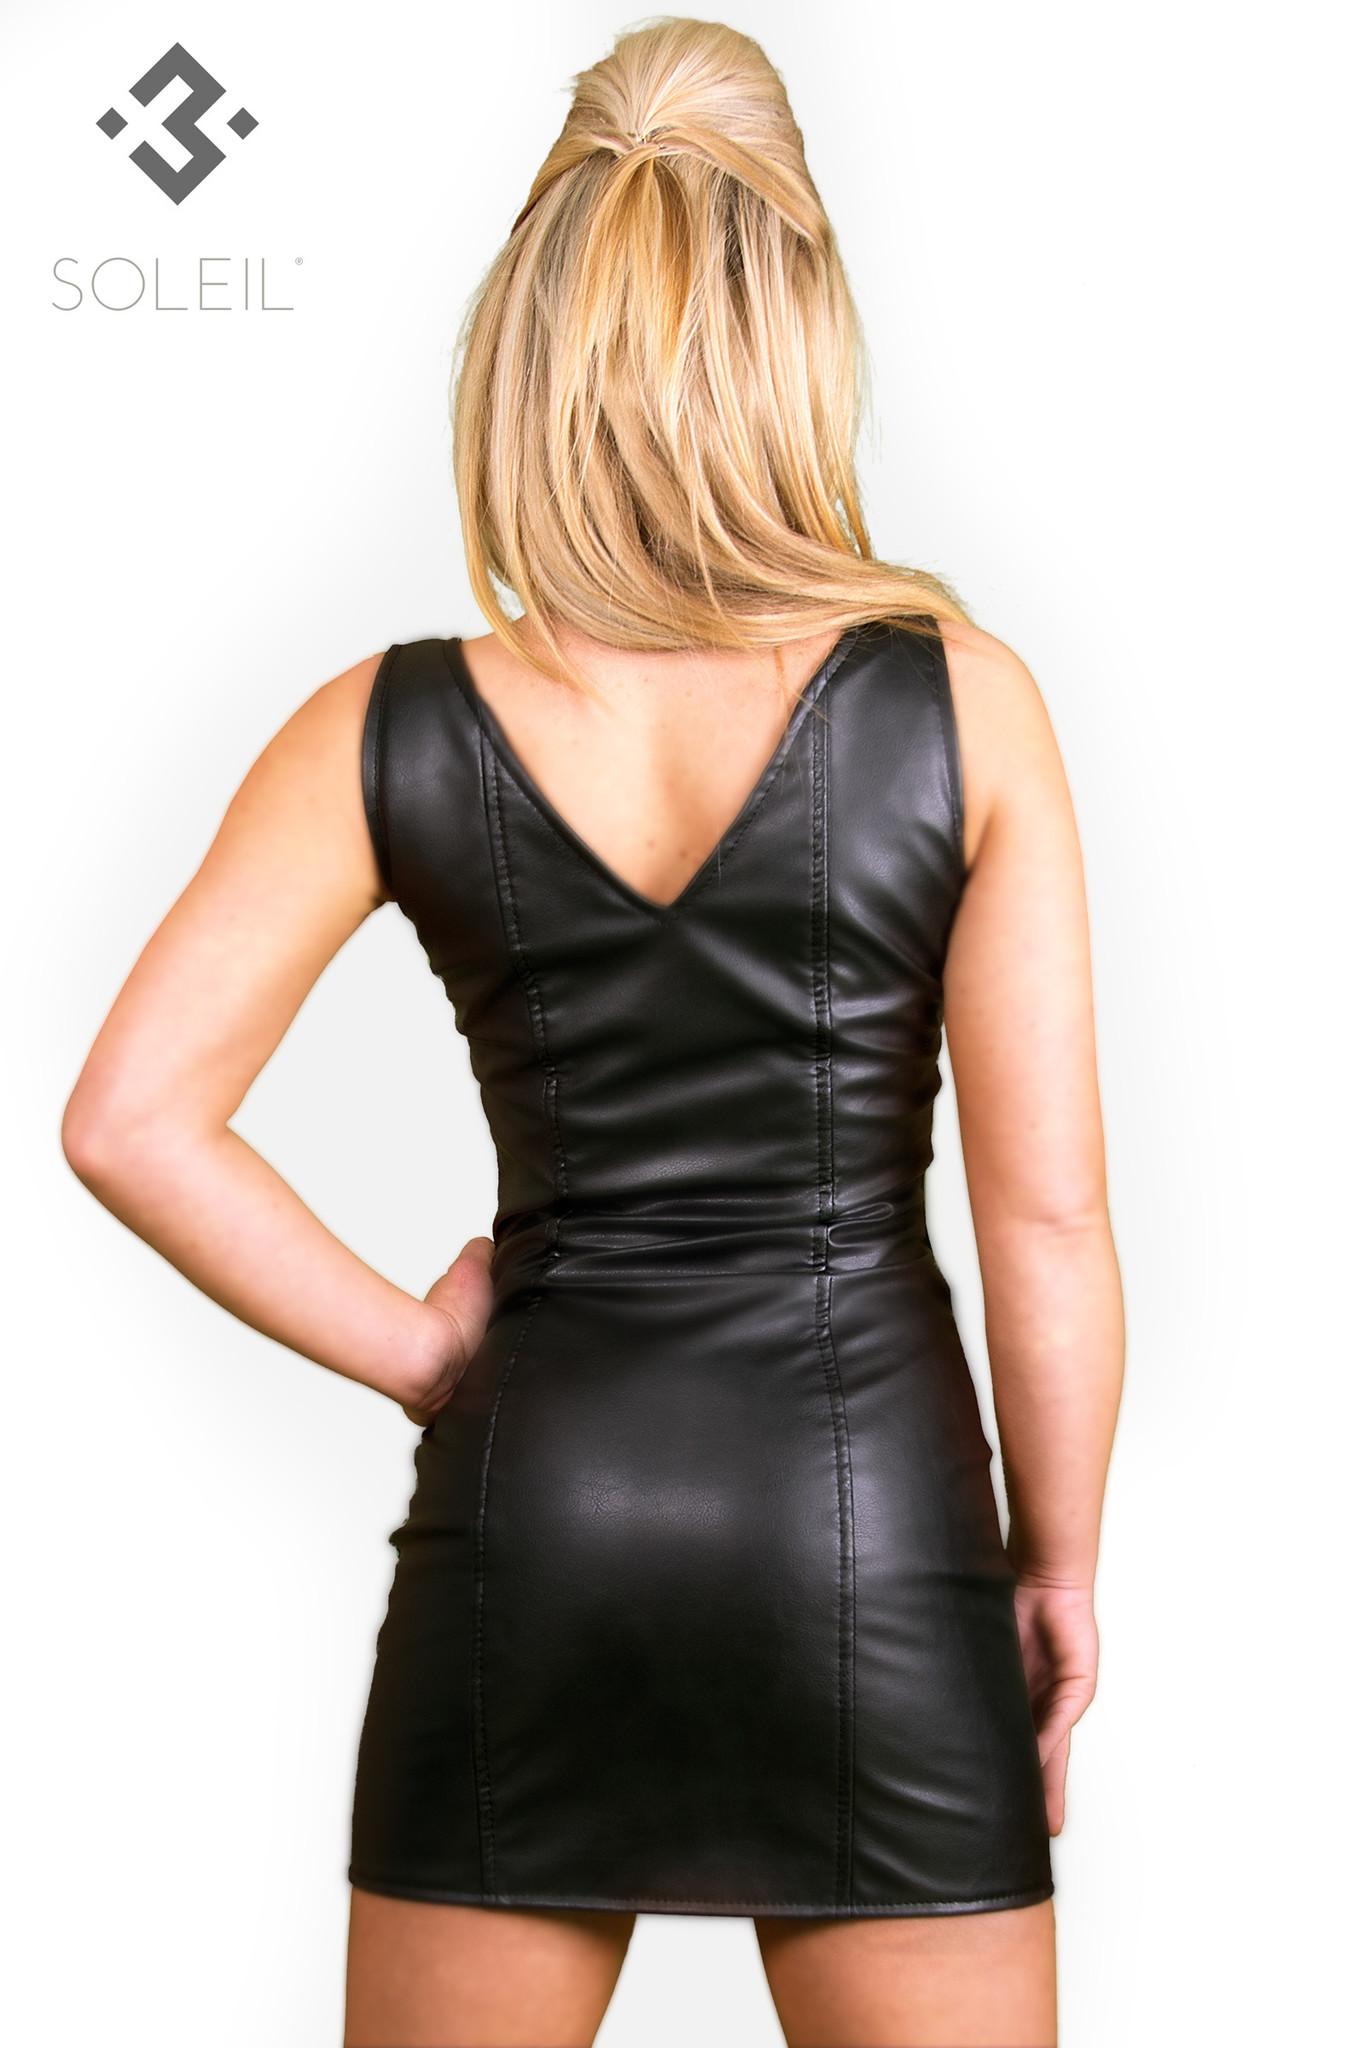 SOLEIL  by XXX COLLECTION Zwarte leren getailleerde jurk met rits en transparante zijkanten